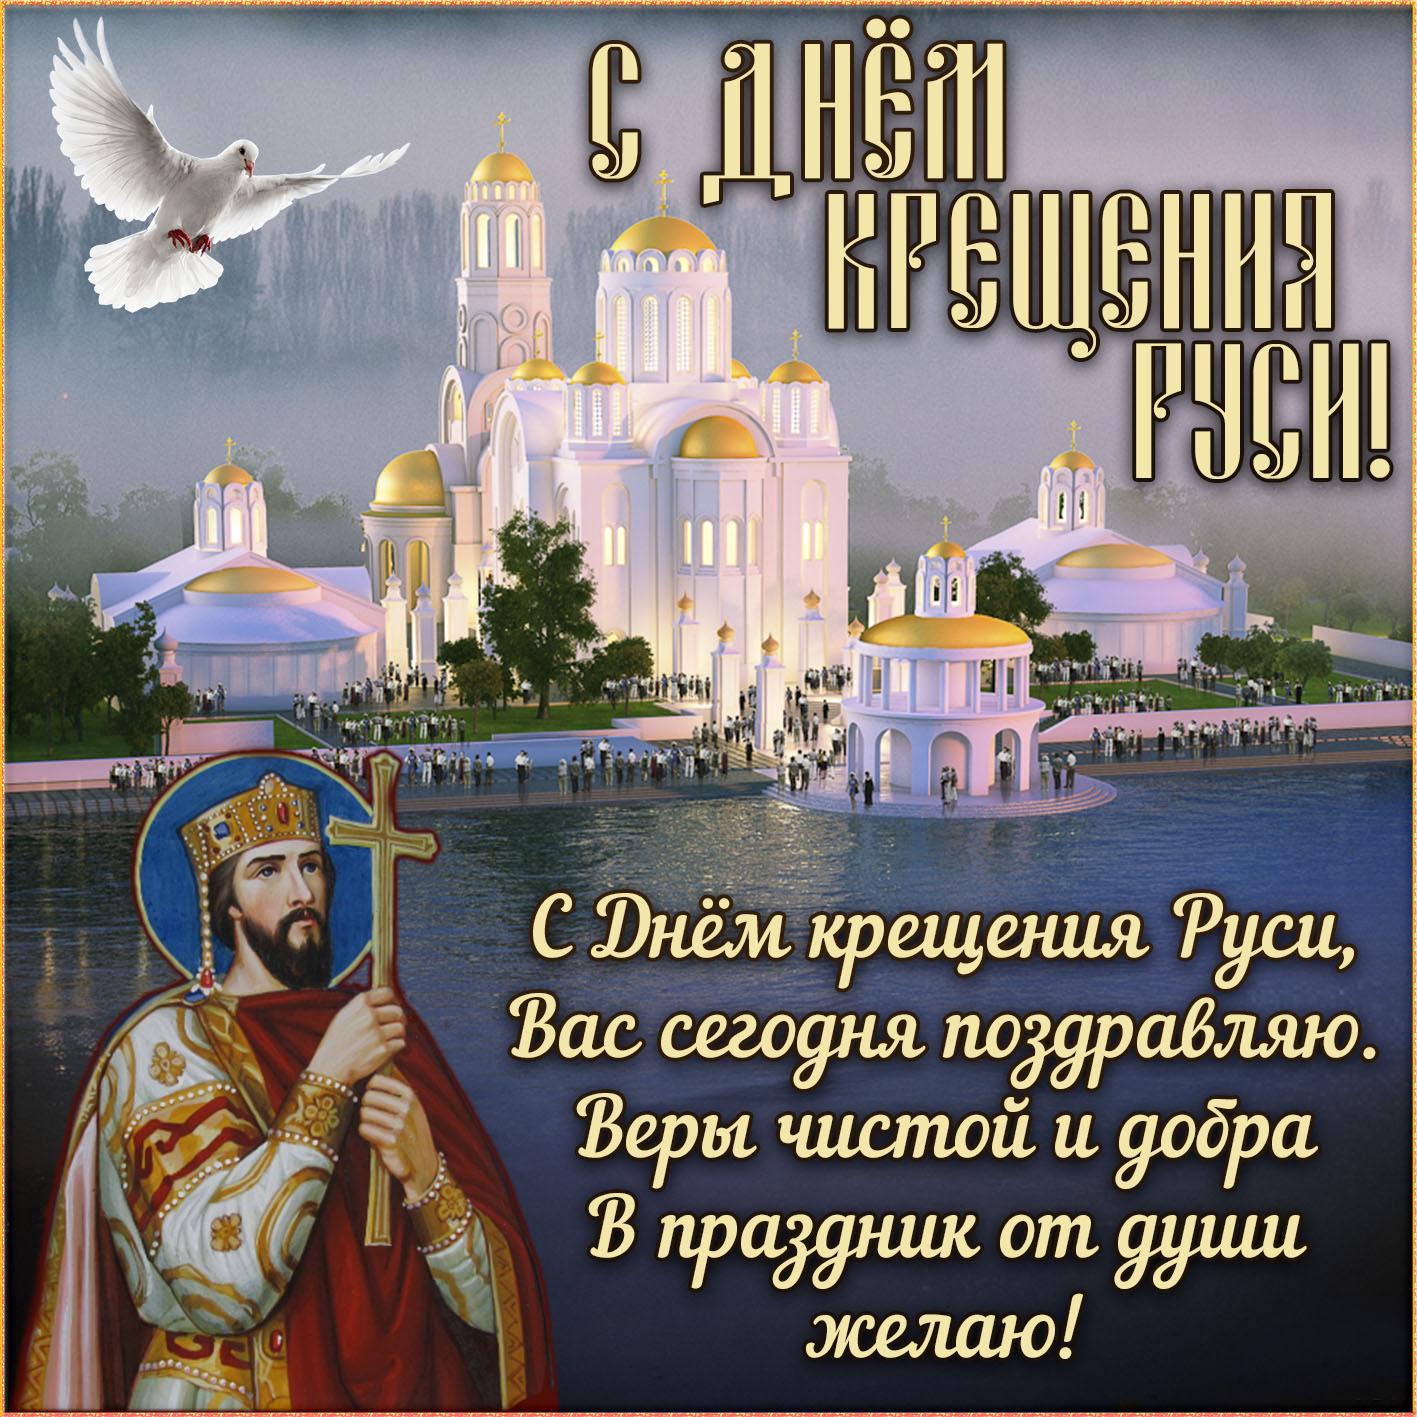 Поздравление, картинки с праздником князя владимира